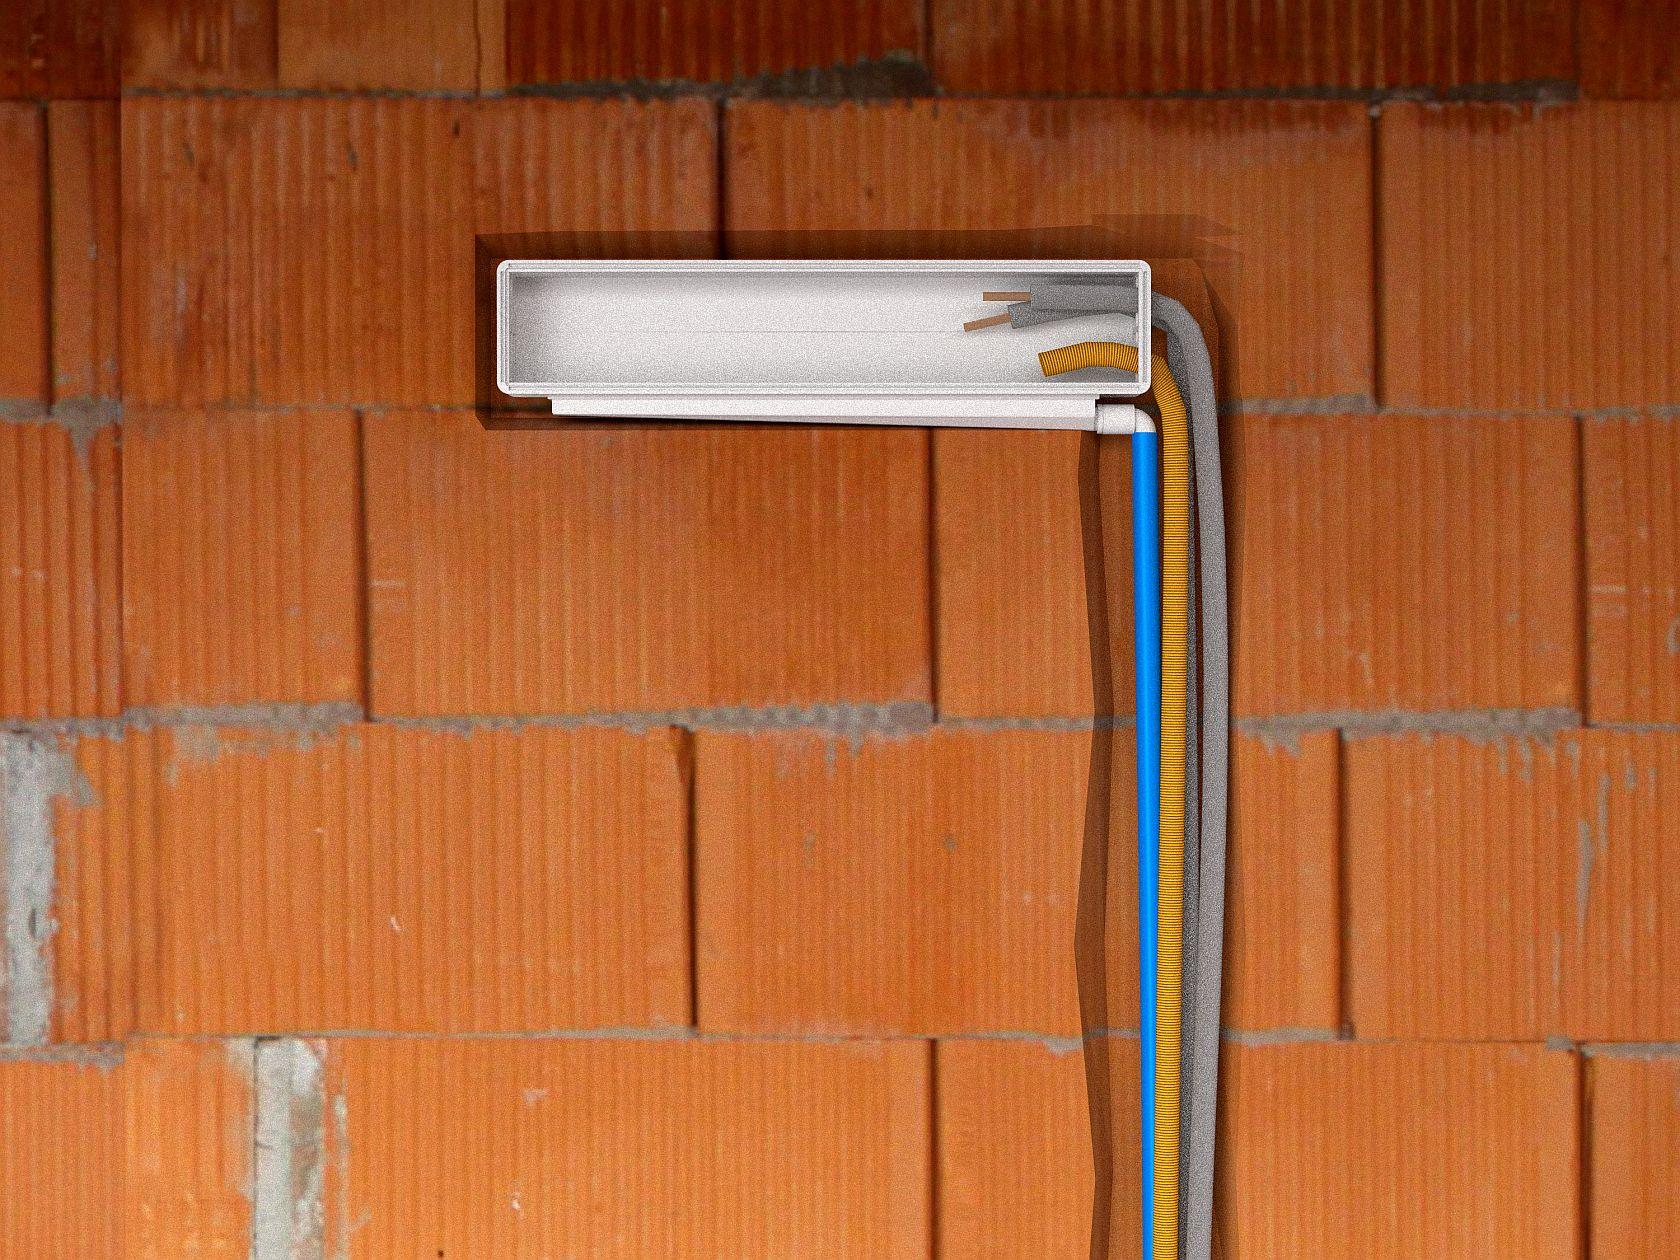 Klimaanlage Wohnung Installieren